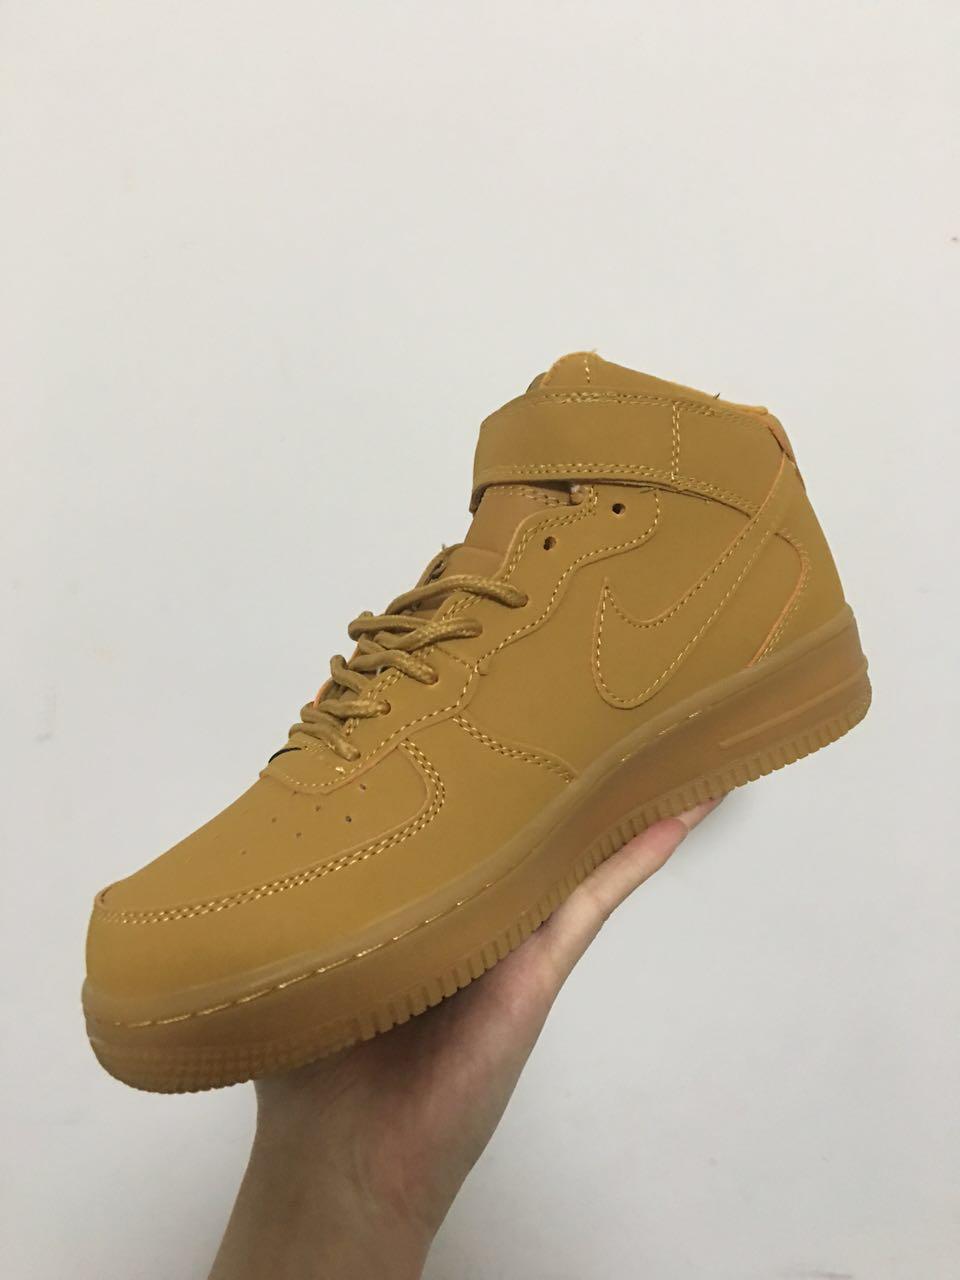 三明运动鞋——耐克运动鞋公司,推荐非常诚信鞋服贸易